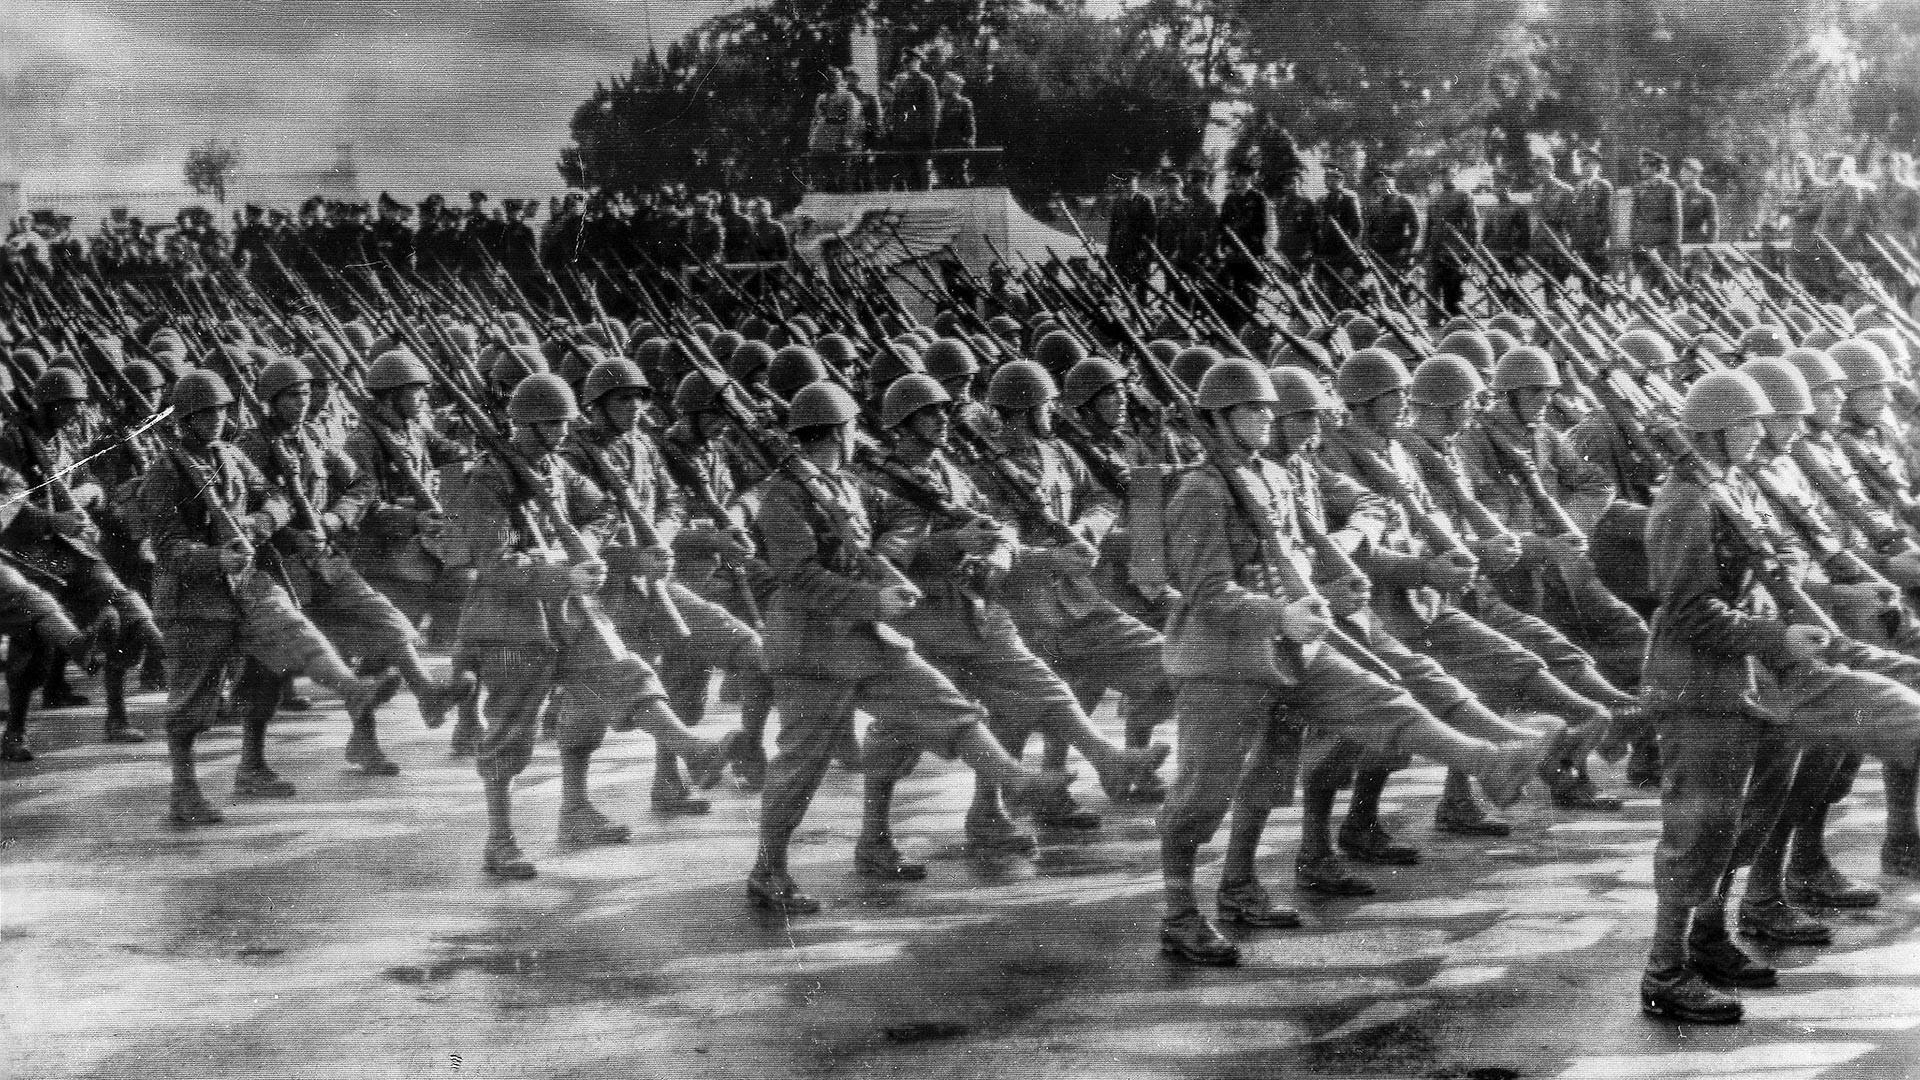 Италијанскиот Експедициски корпус парадира пред Мусолини и германското воено аташе во Рим пред заминувањето во војната против Советскиот Сојуз, почеток на јули 1941 година.